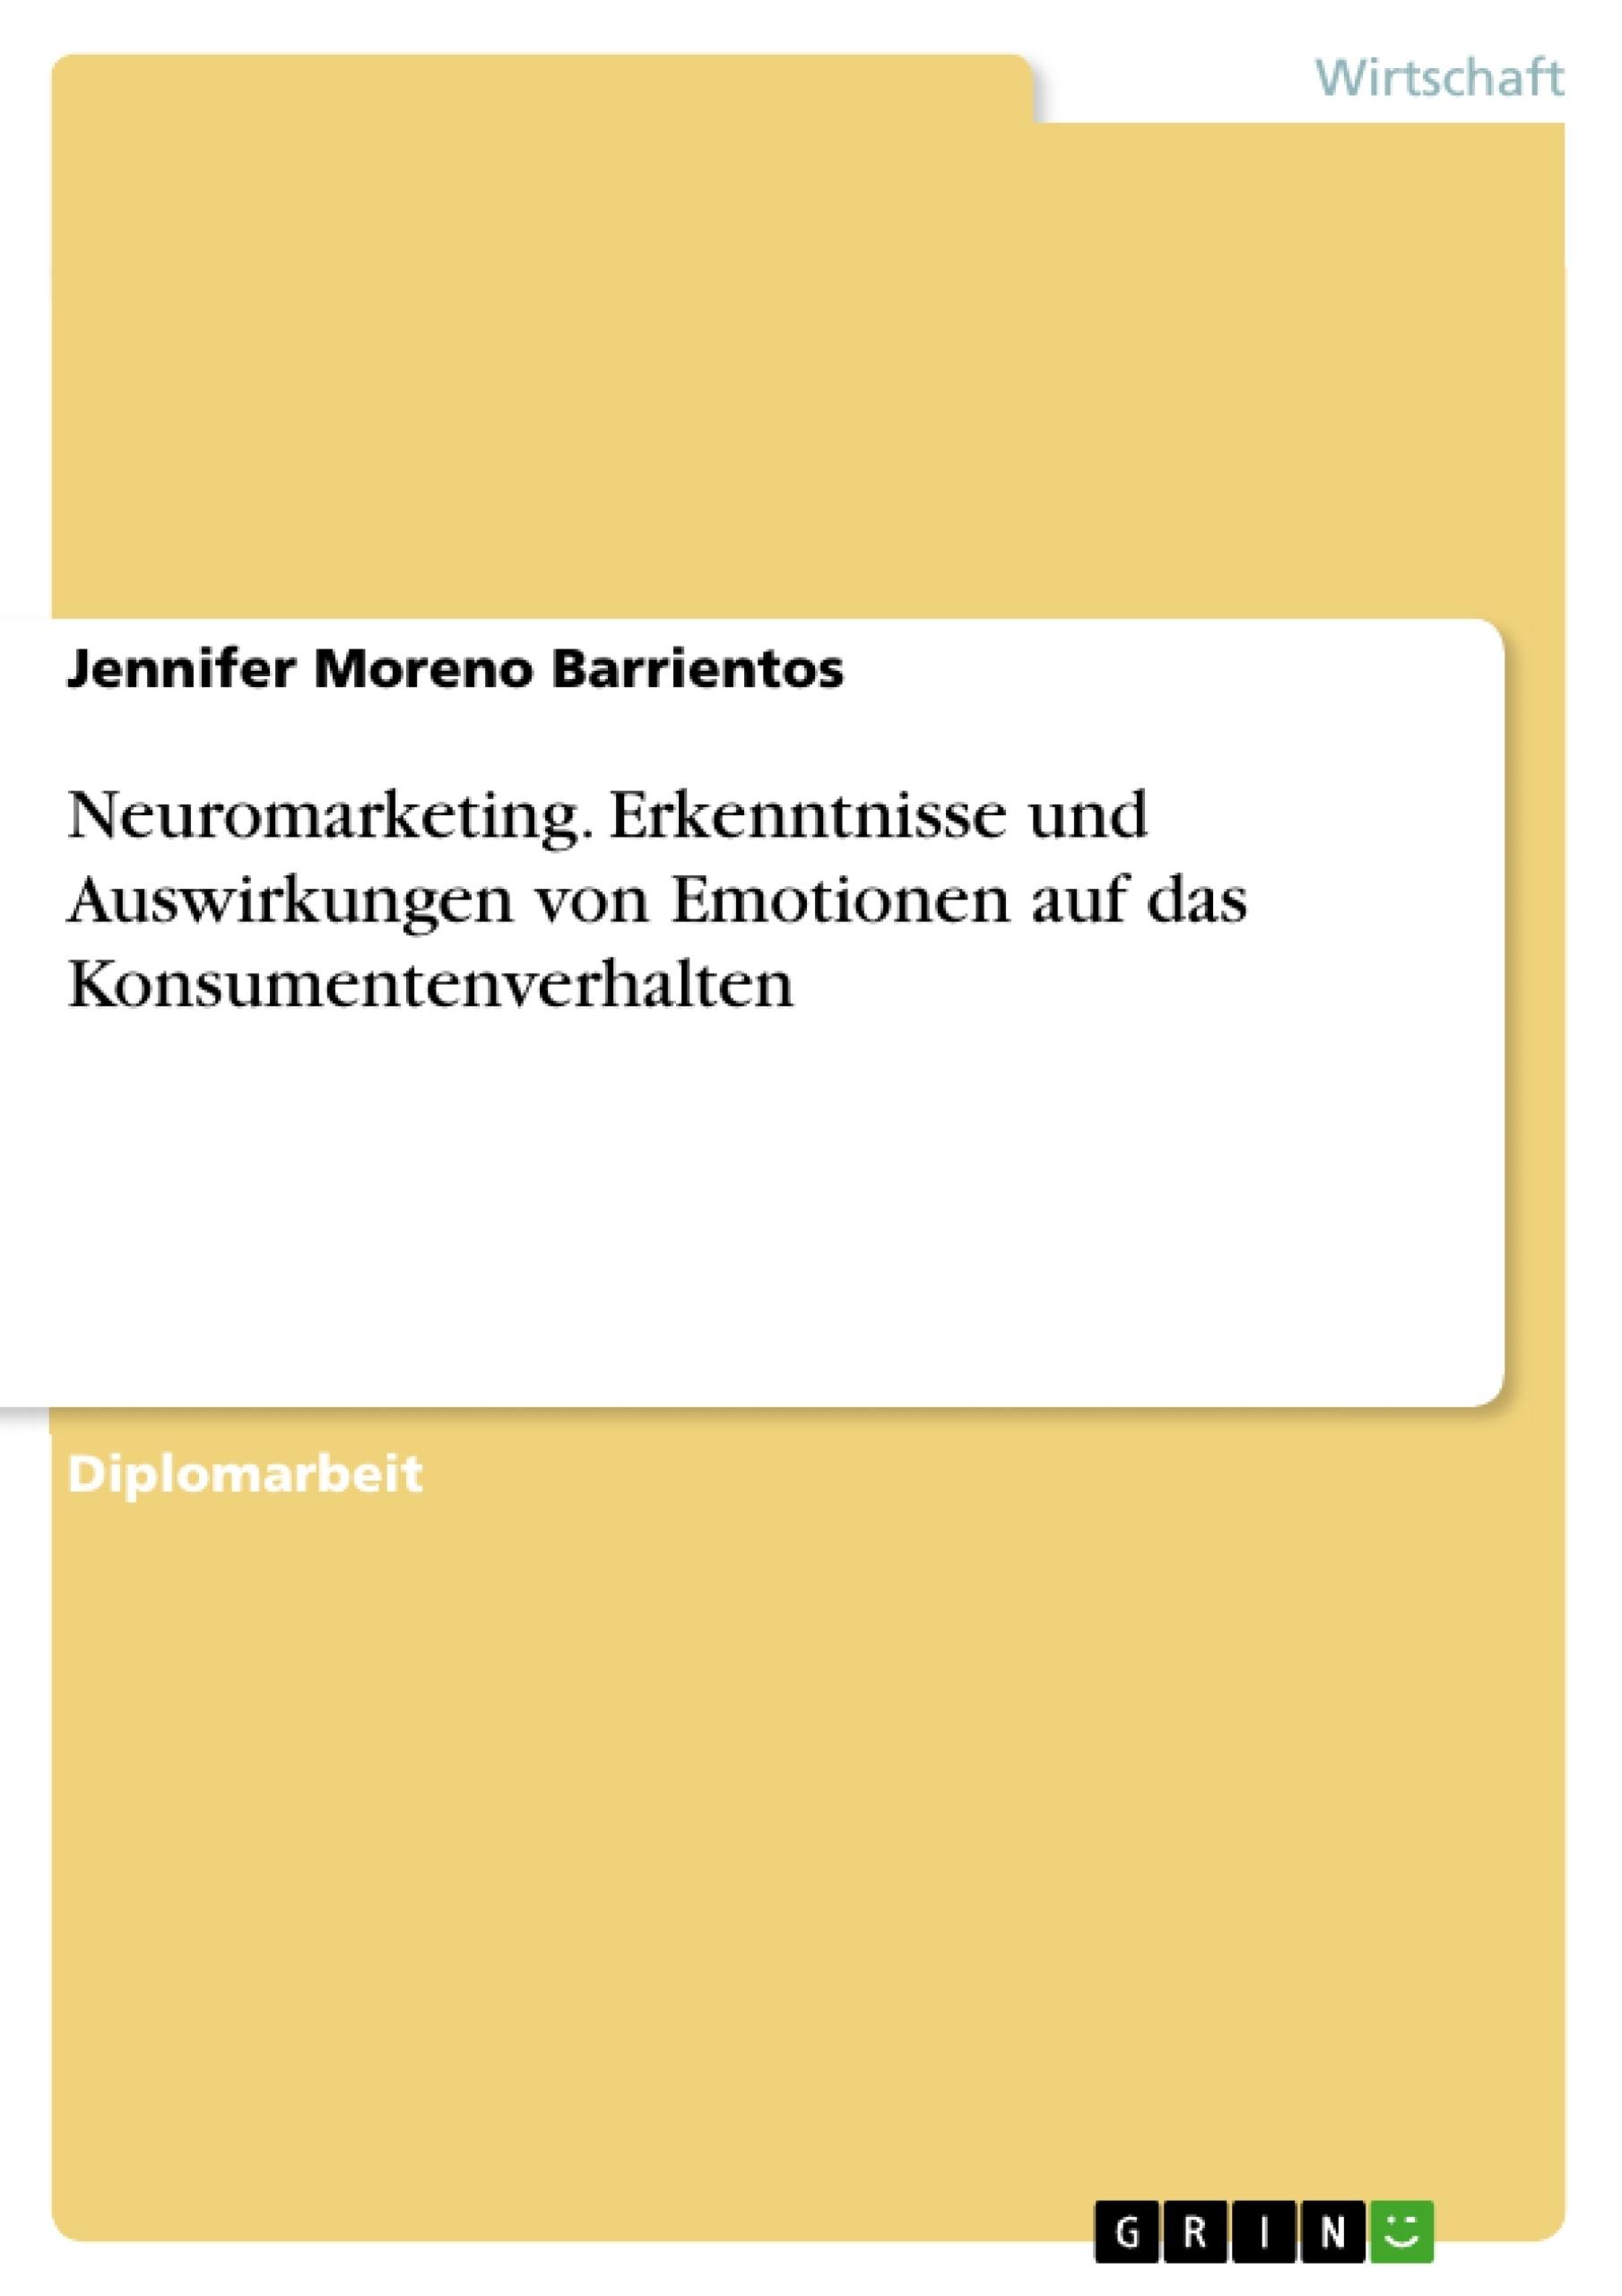 Titel: Neuromarketing. Erkenntnisse und Auswirkungen von Emotionen auf das Konsumentenverhalten